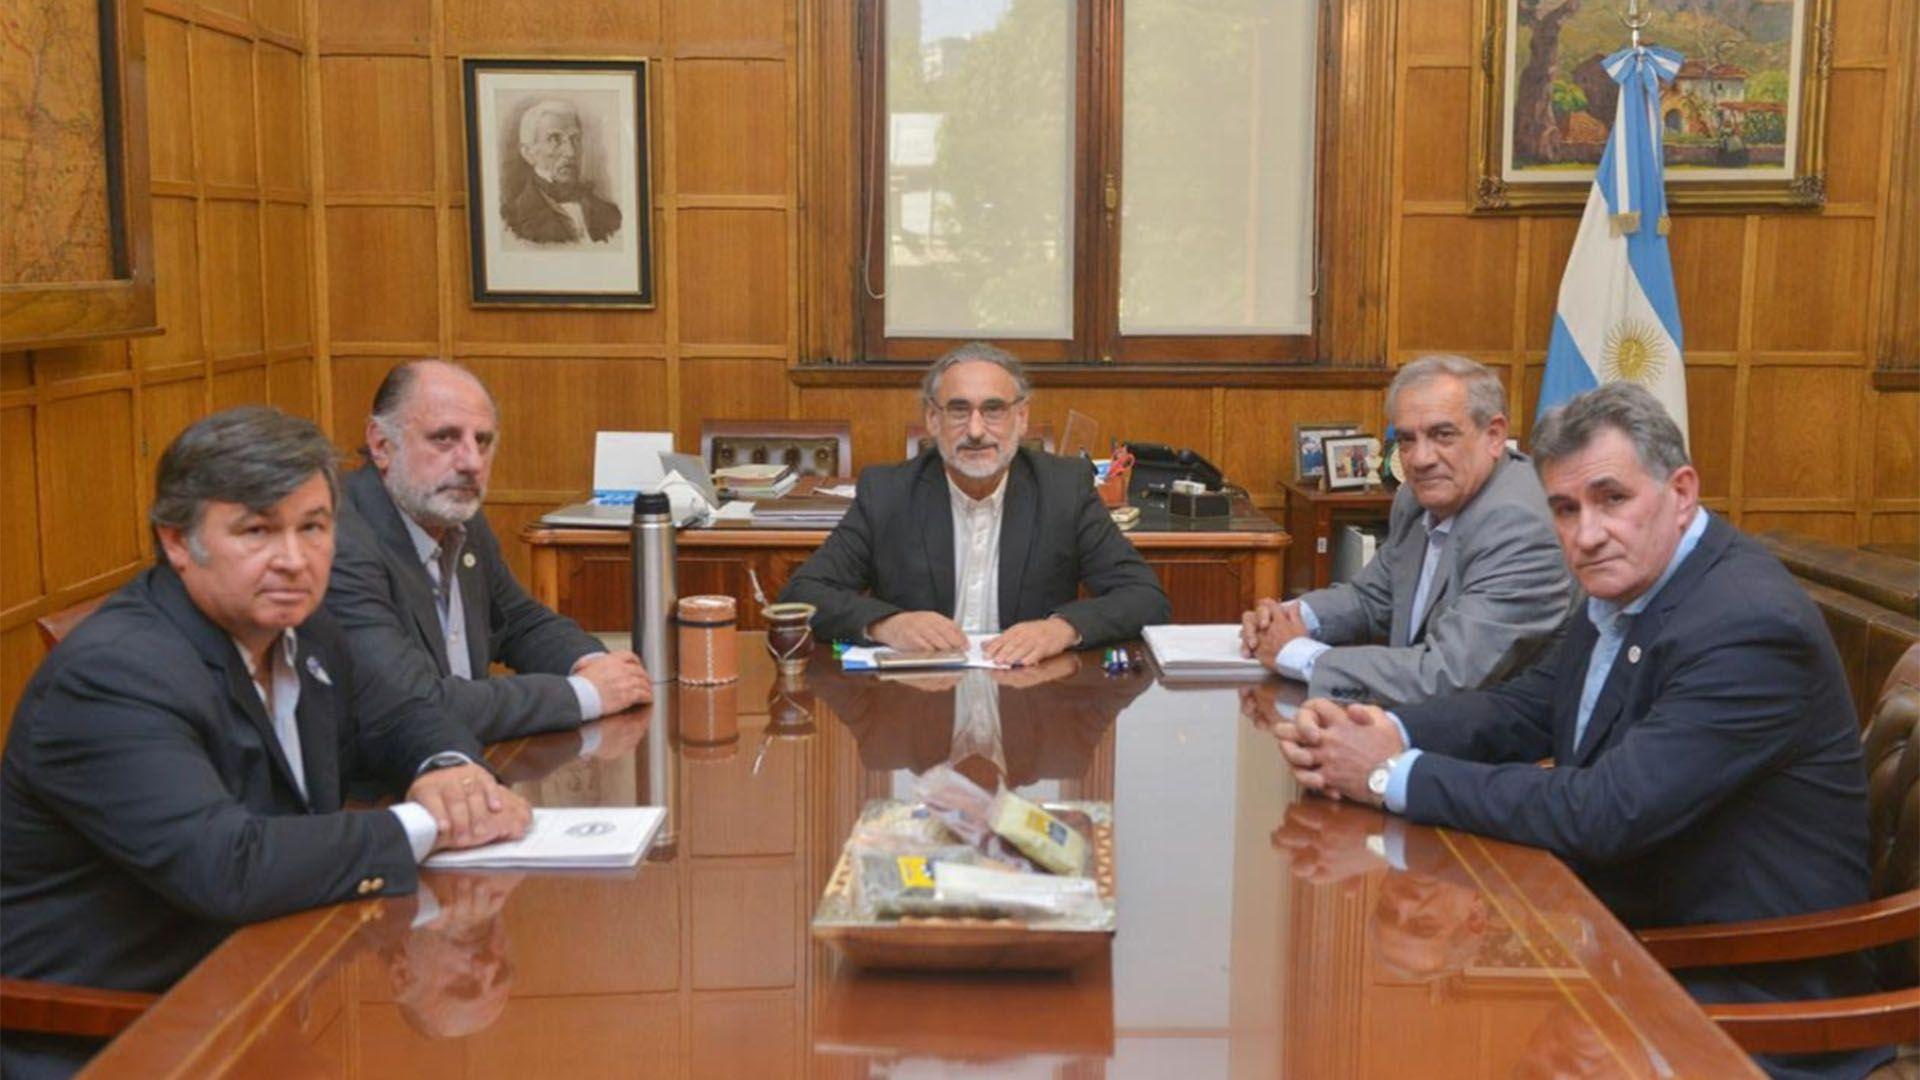 Representantes de la Mesa de Enlace junto al ministro Luis Basterra